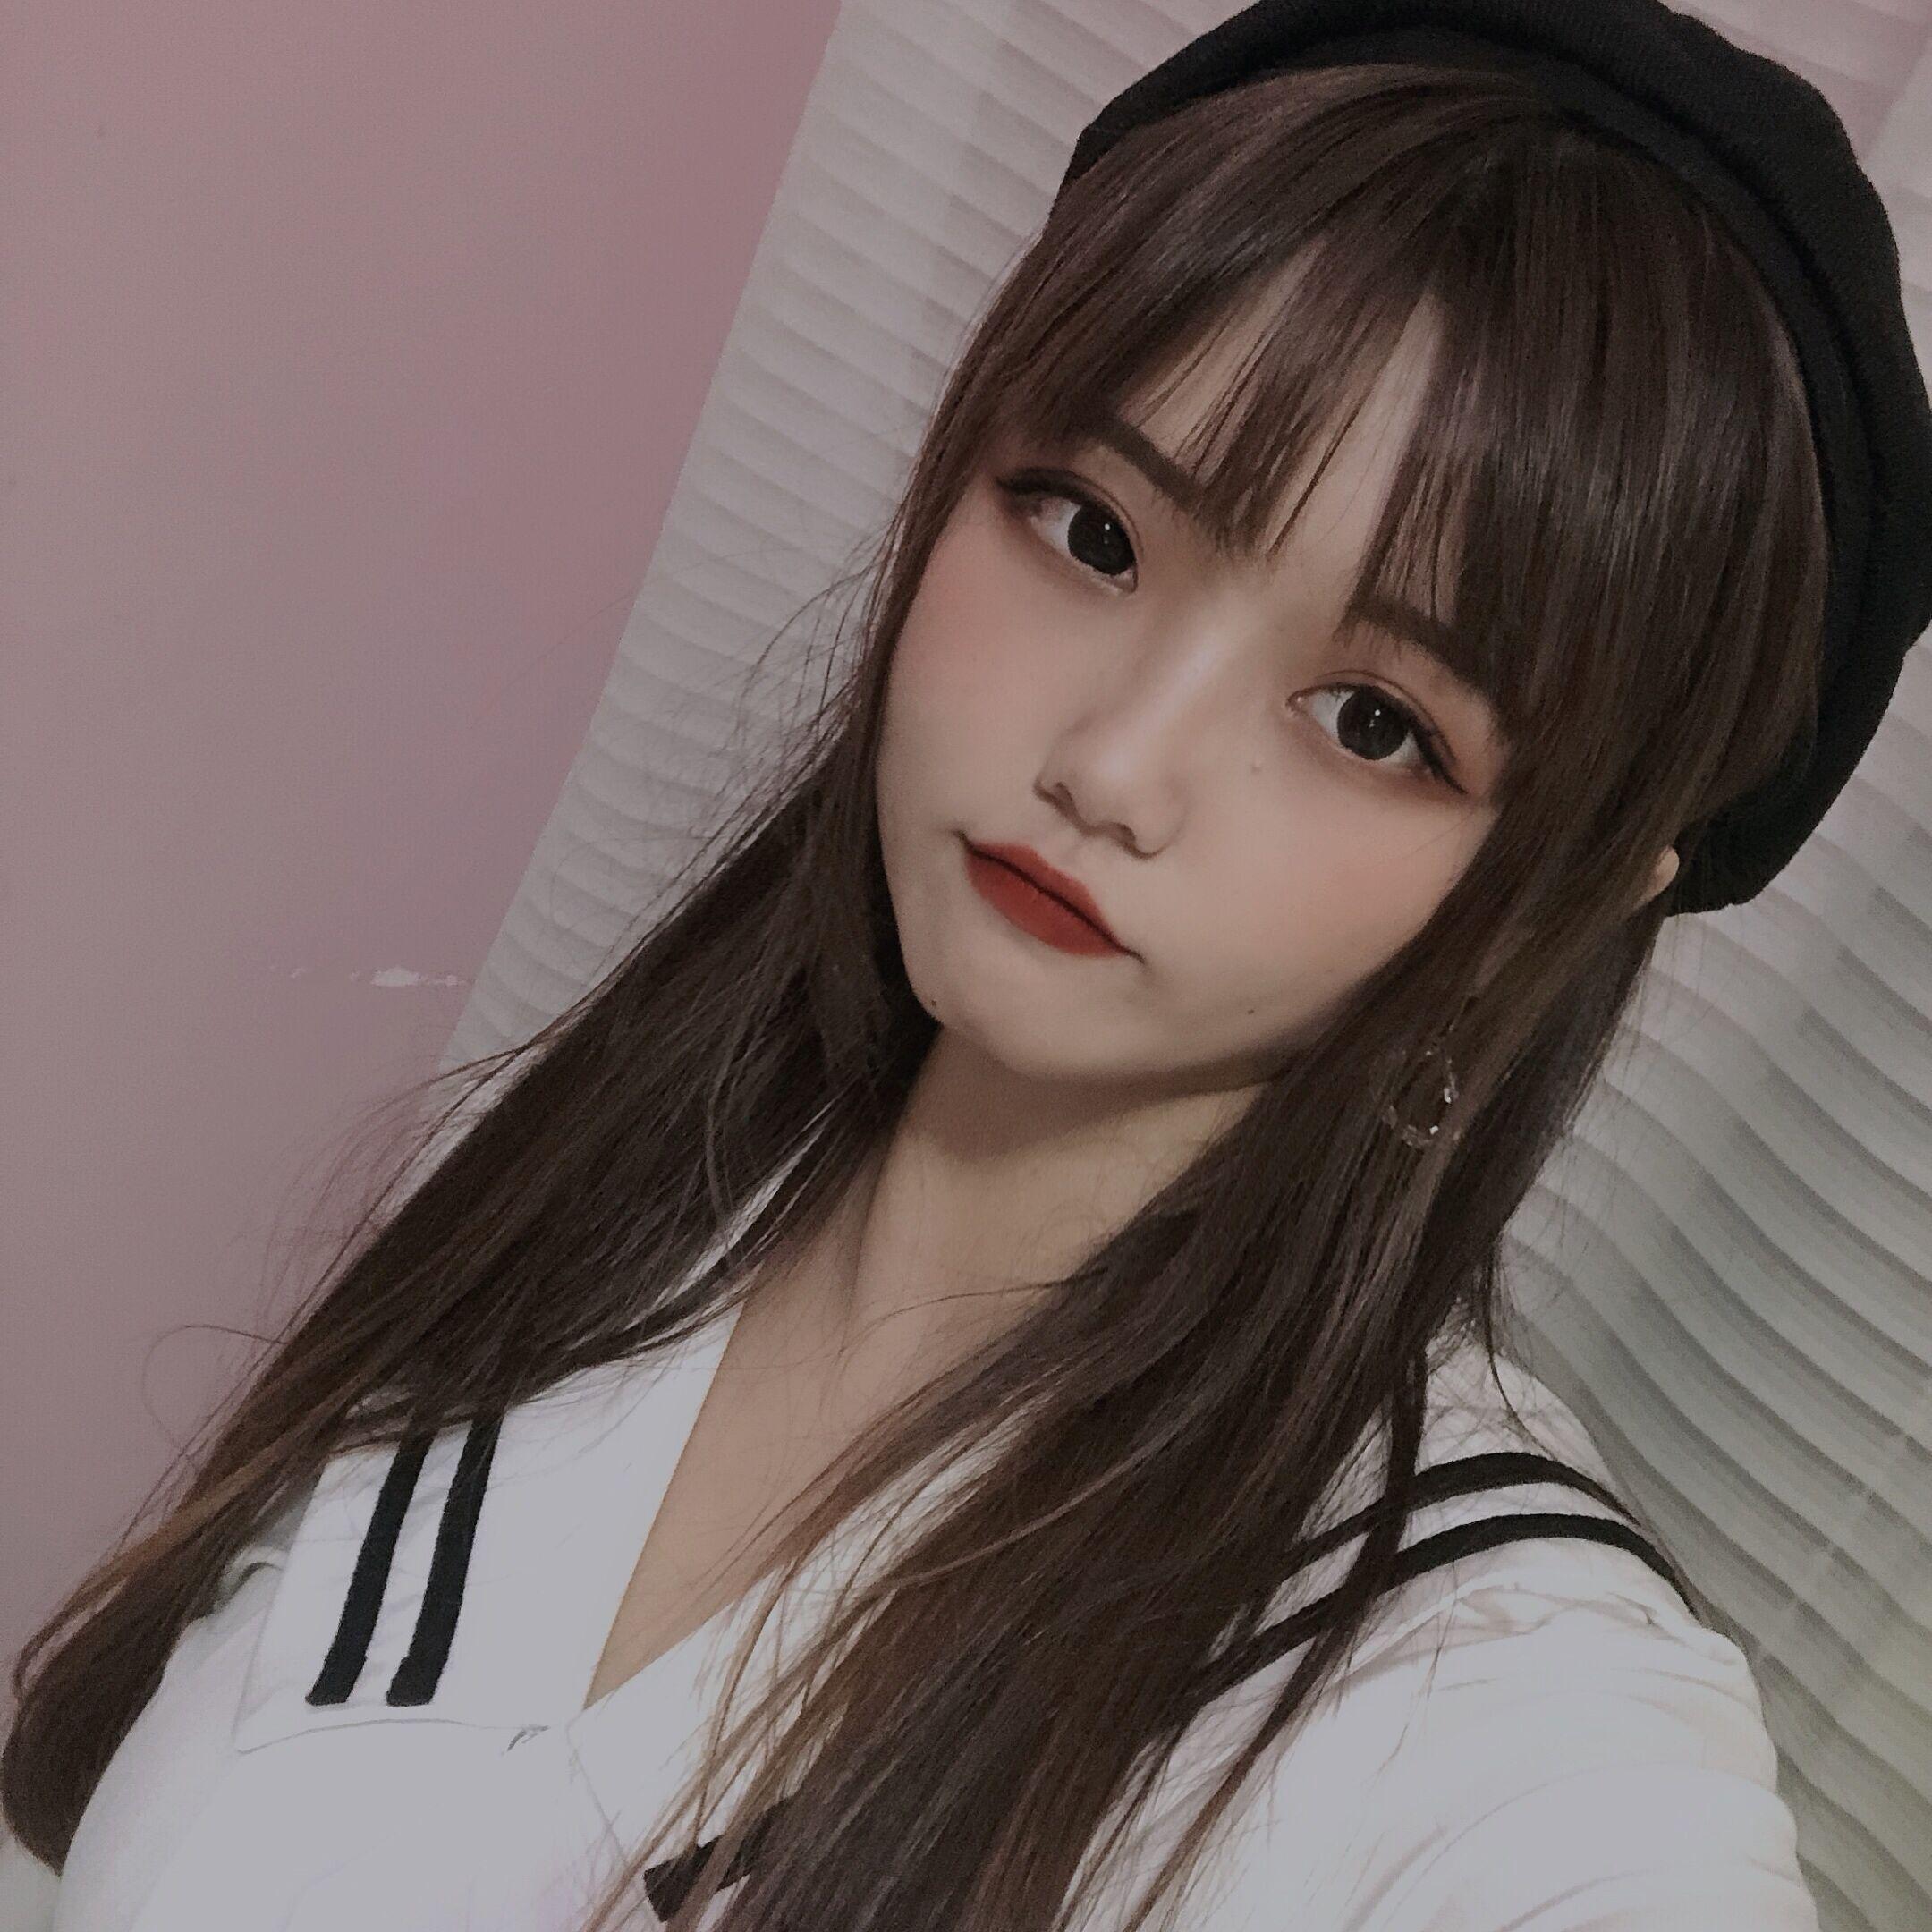 劉亞 - qaxyf.com北納標物網